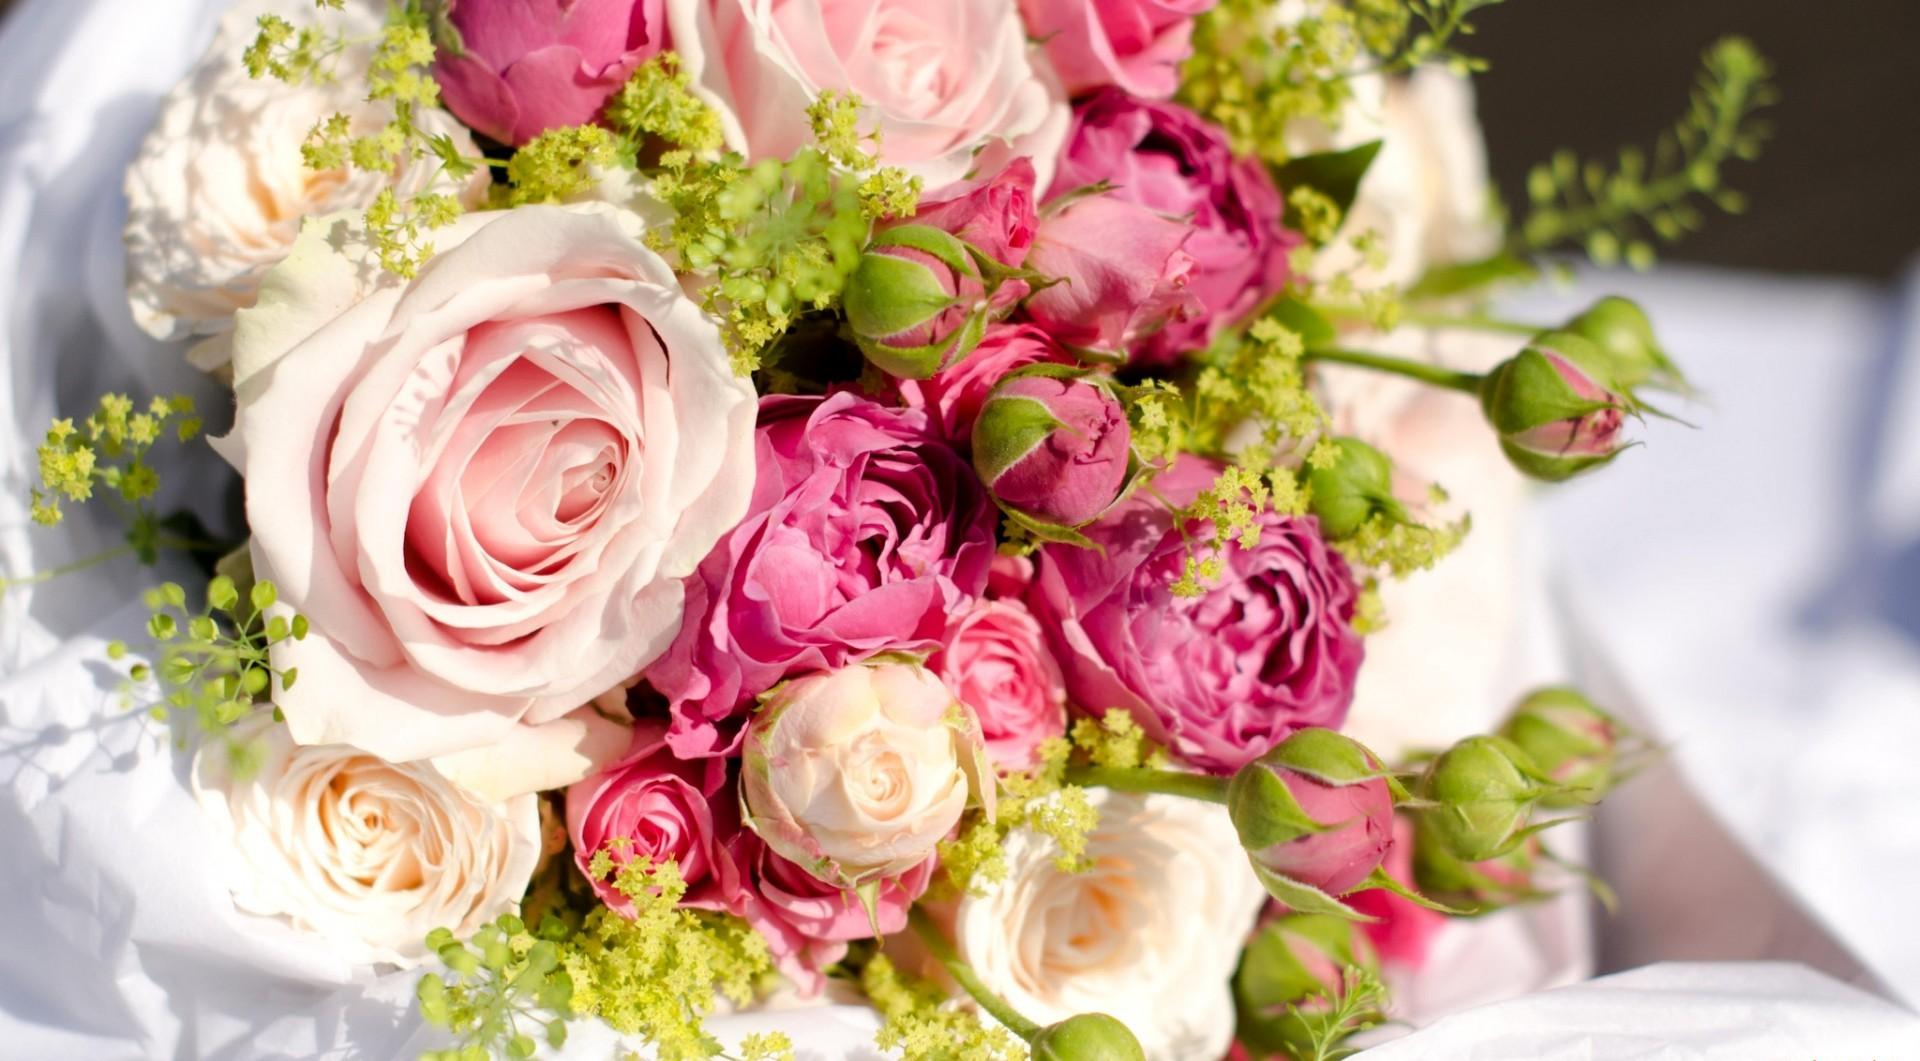 * Roses * Desktop Background